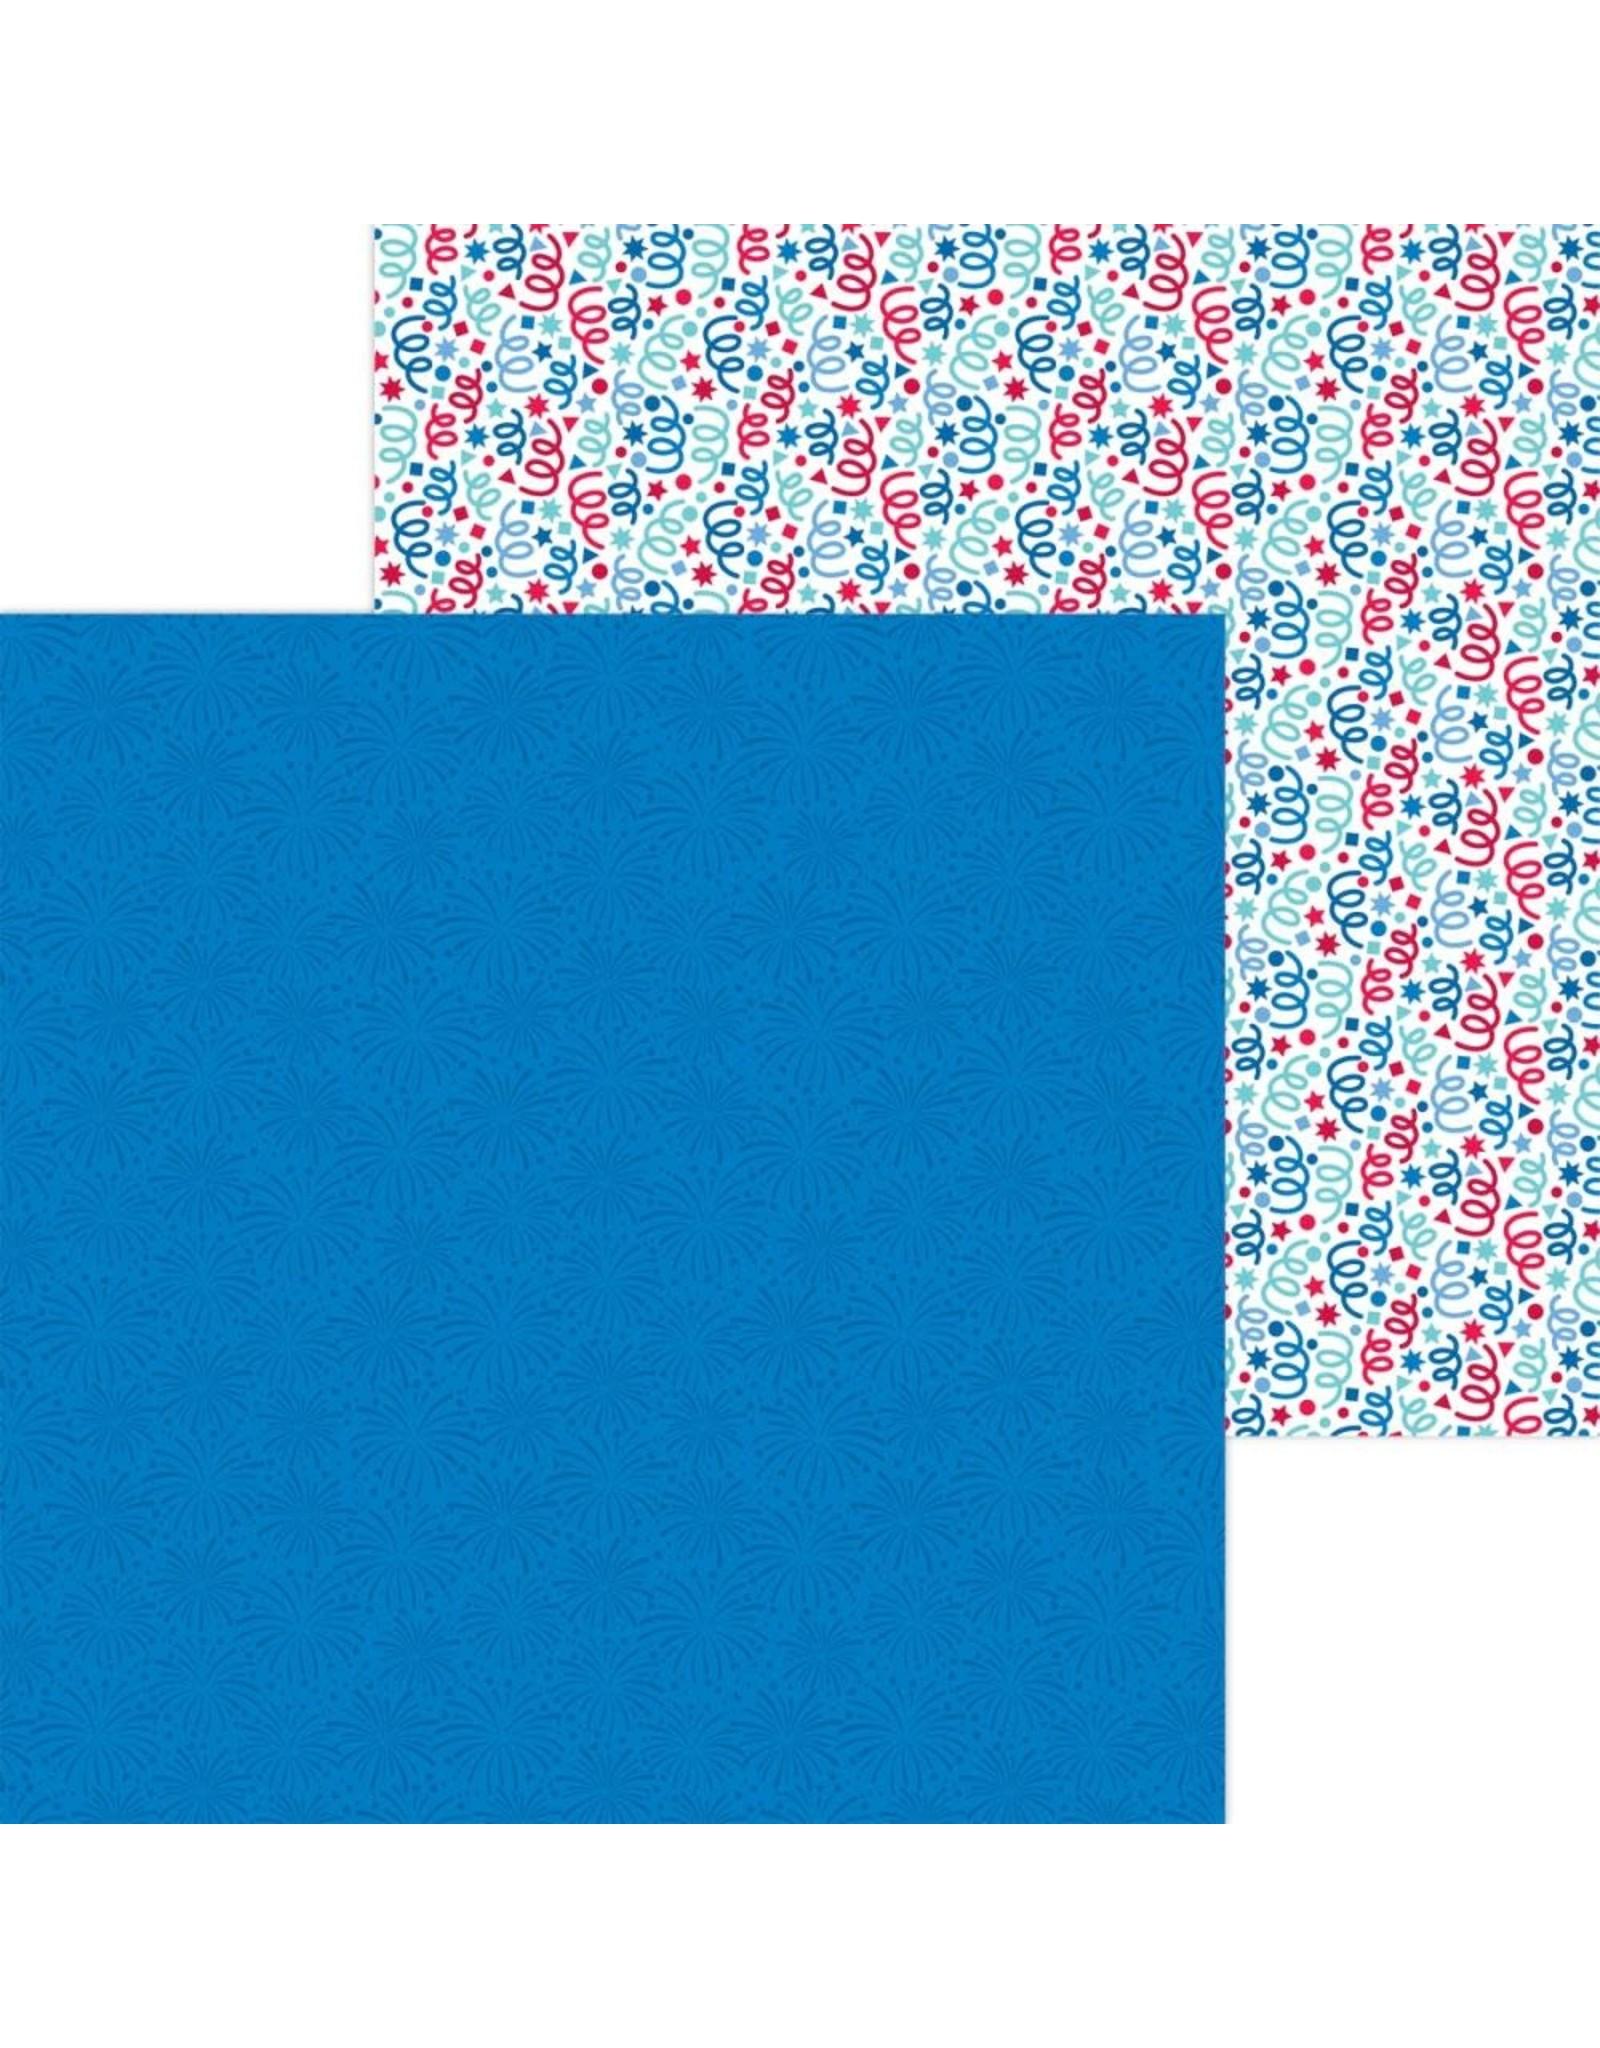 Doodlebug Design Inc. Land That I Love - Hip Hip Hooray 12x12